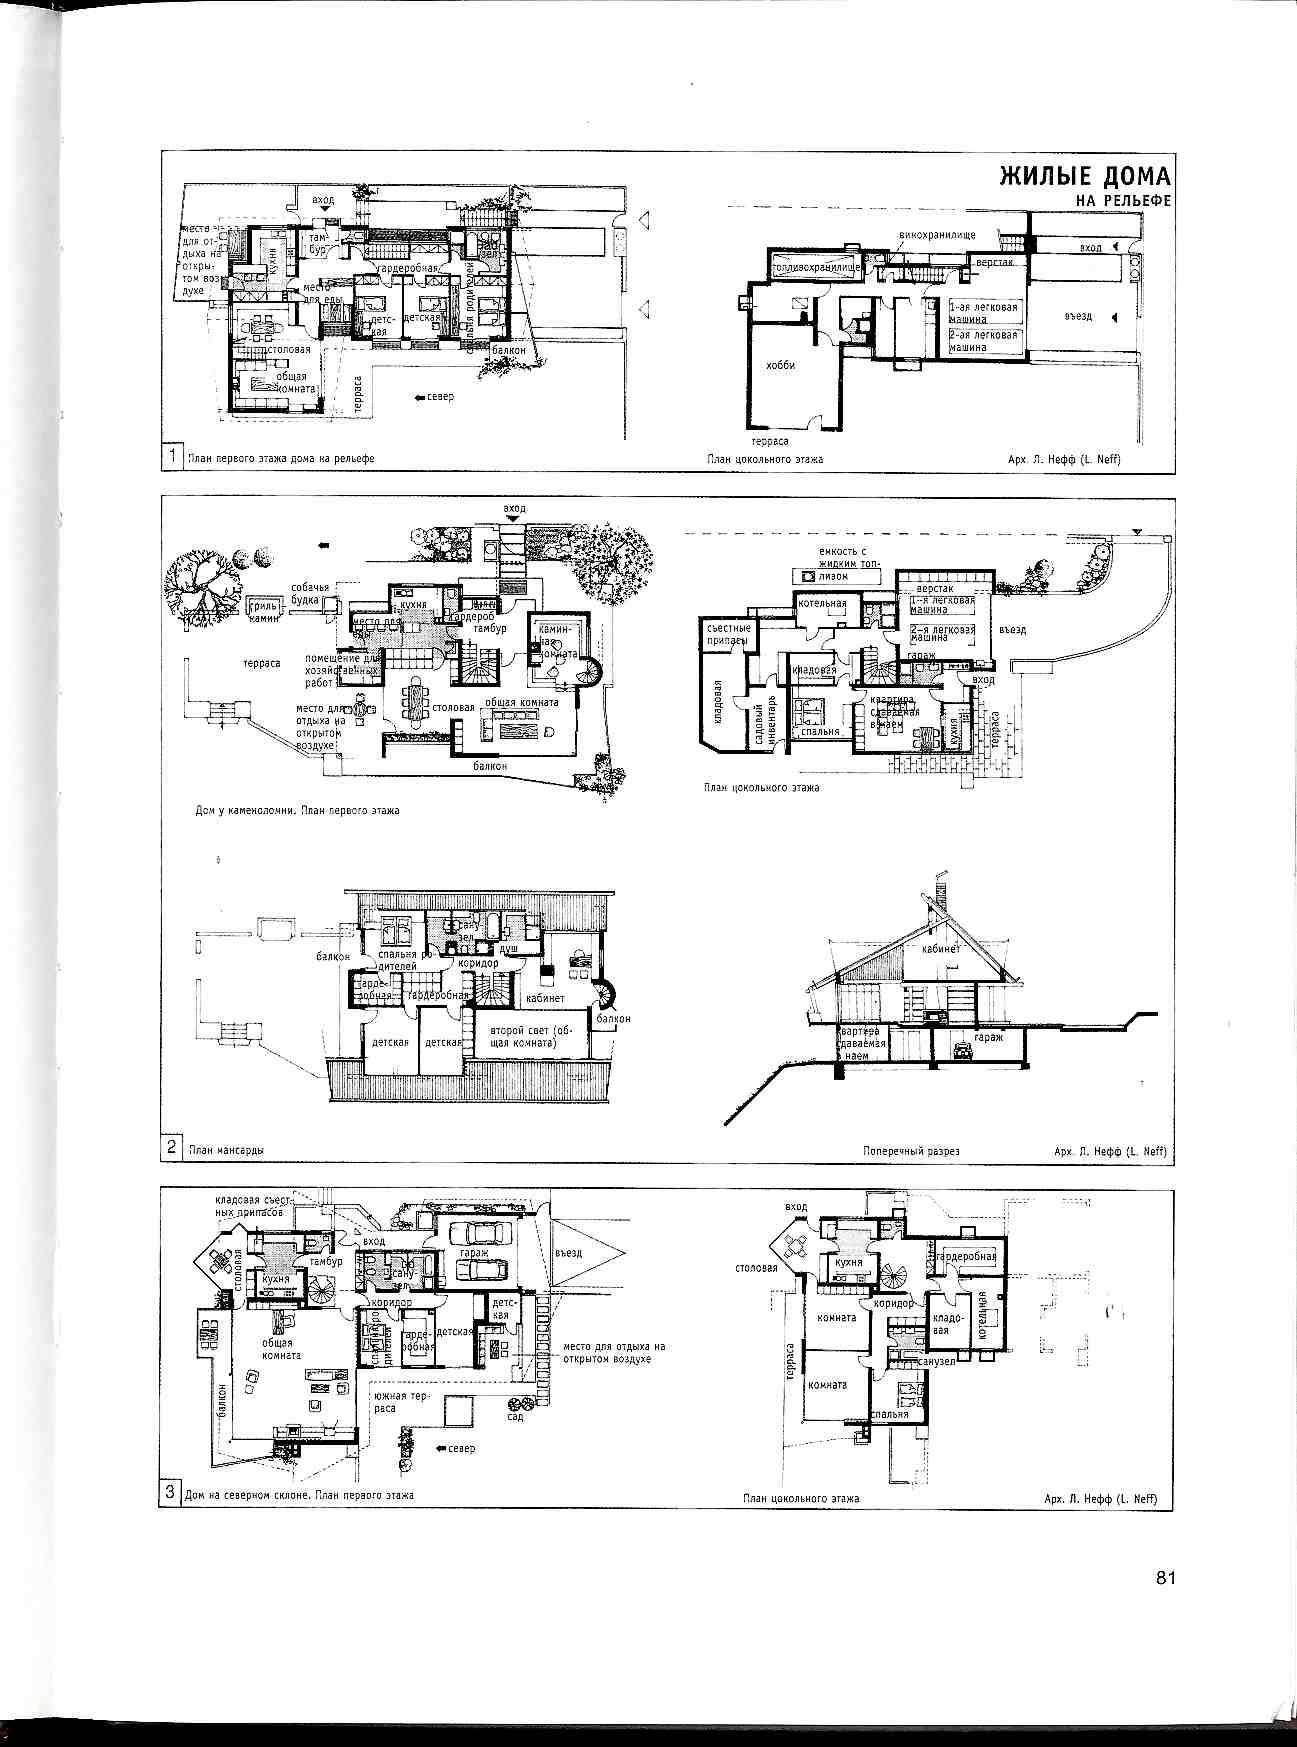 жилые дома планировочные примеры